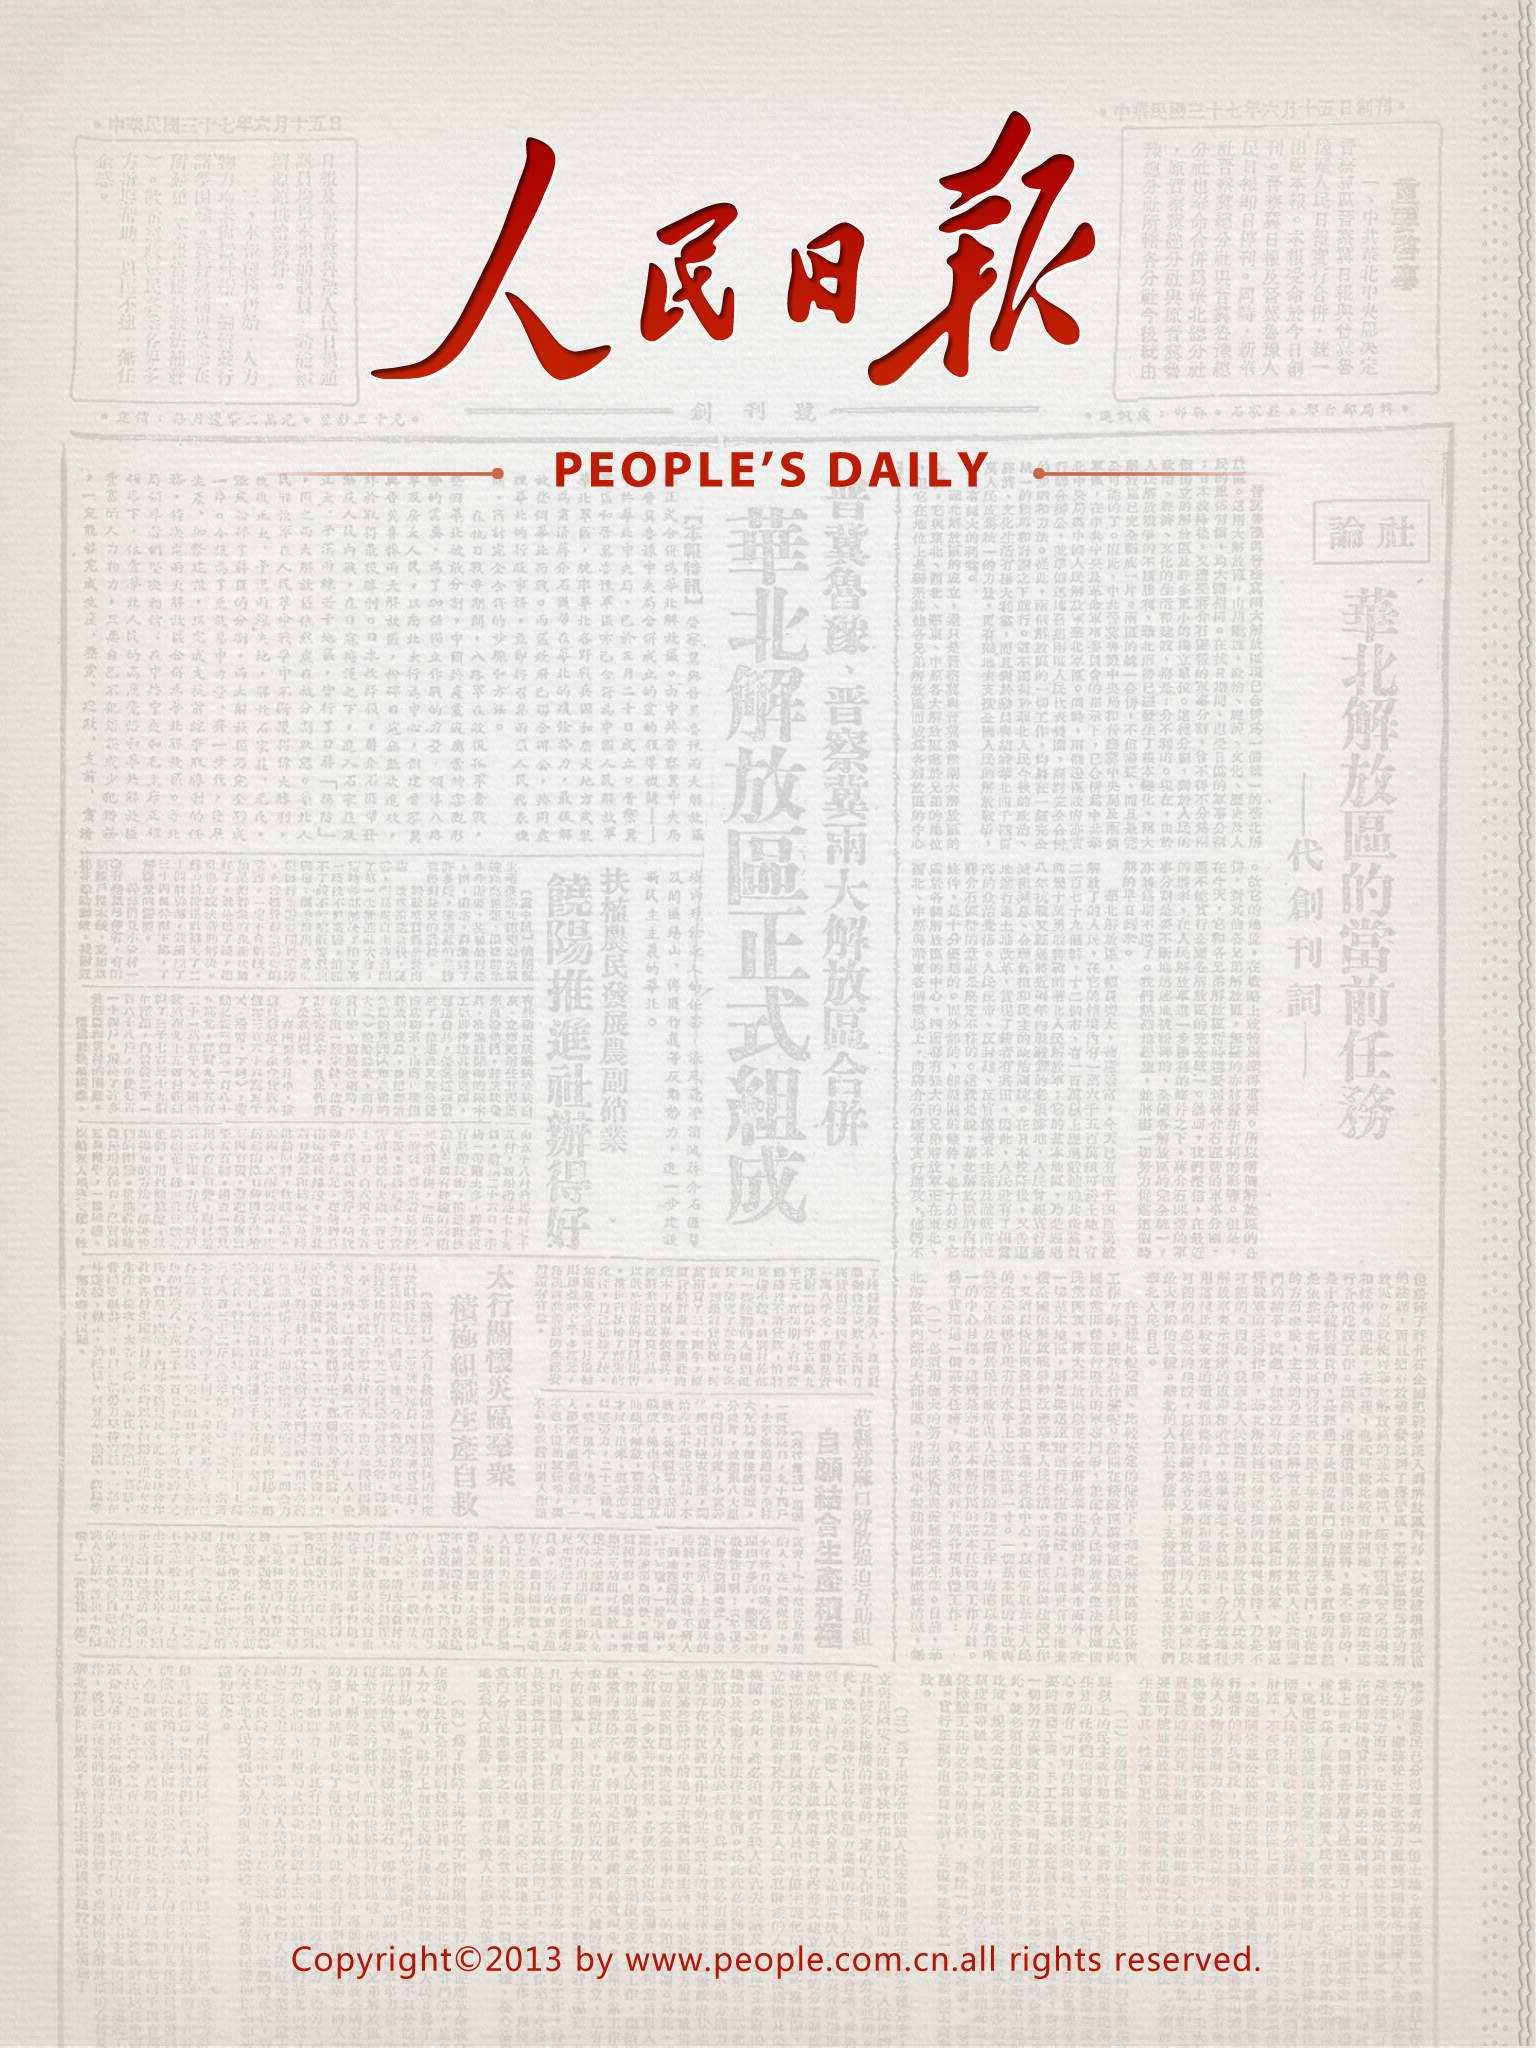 시종 인민과 사상, 행동을같이하자— 중국공산당 창건 97돐을 열렬히 경축한다